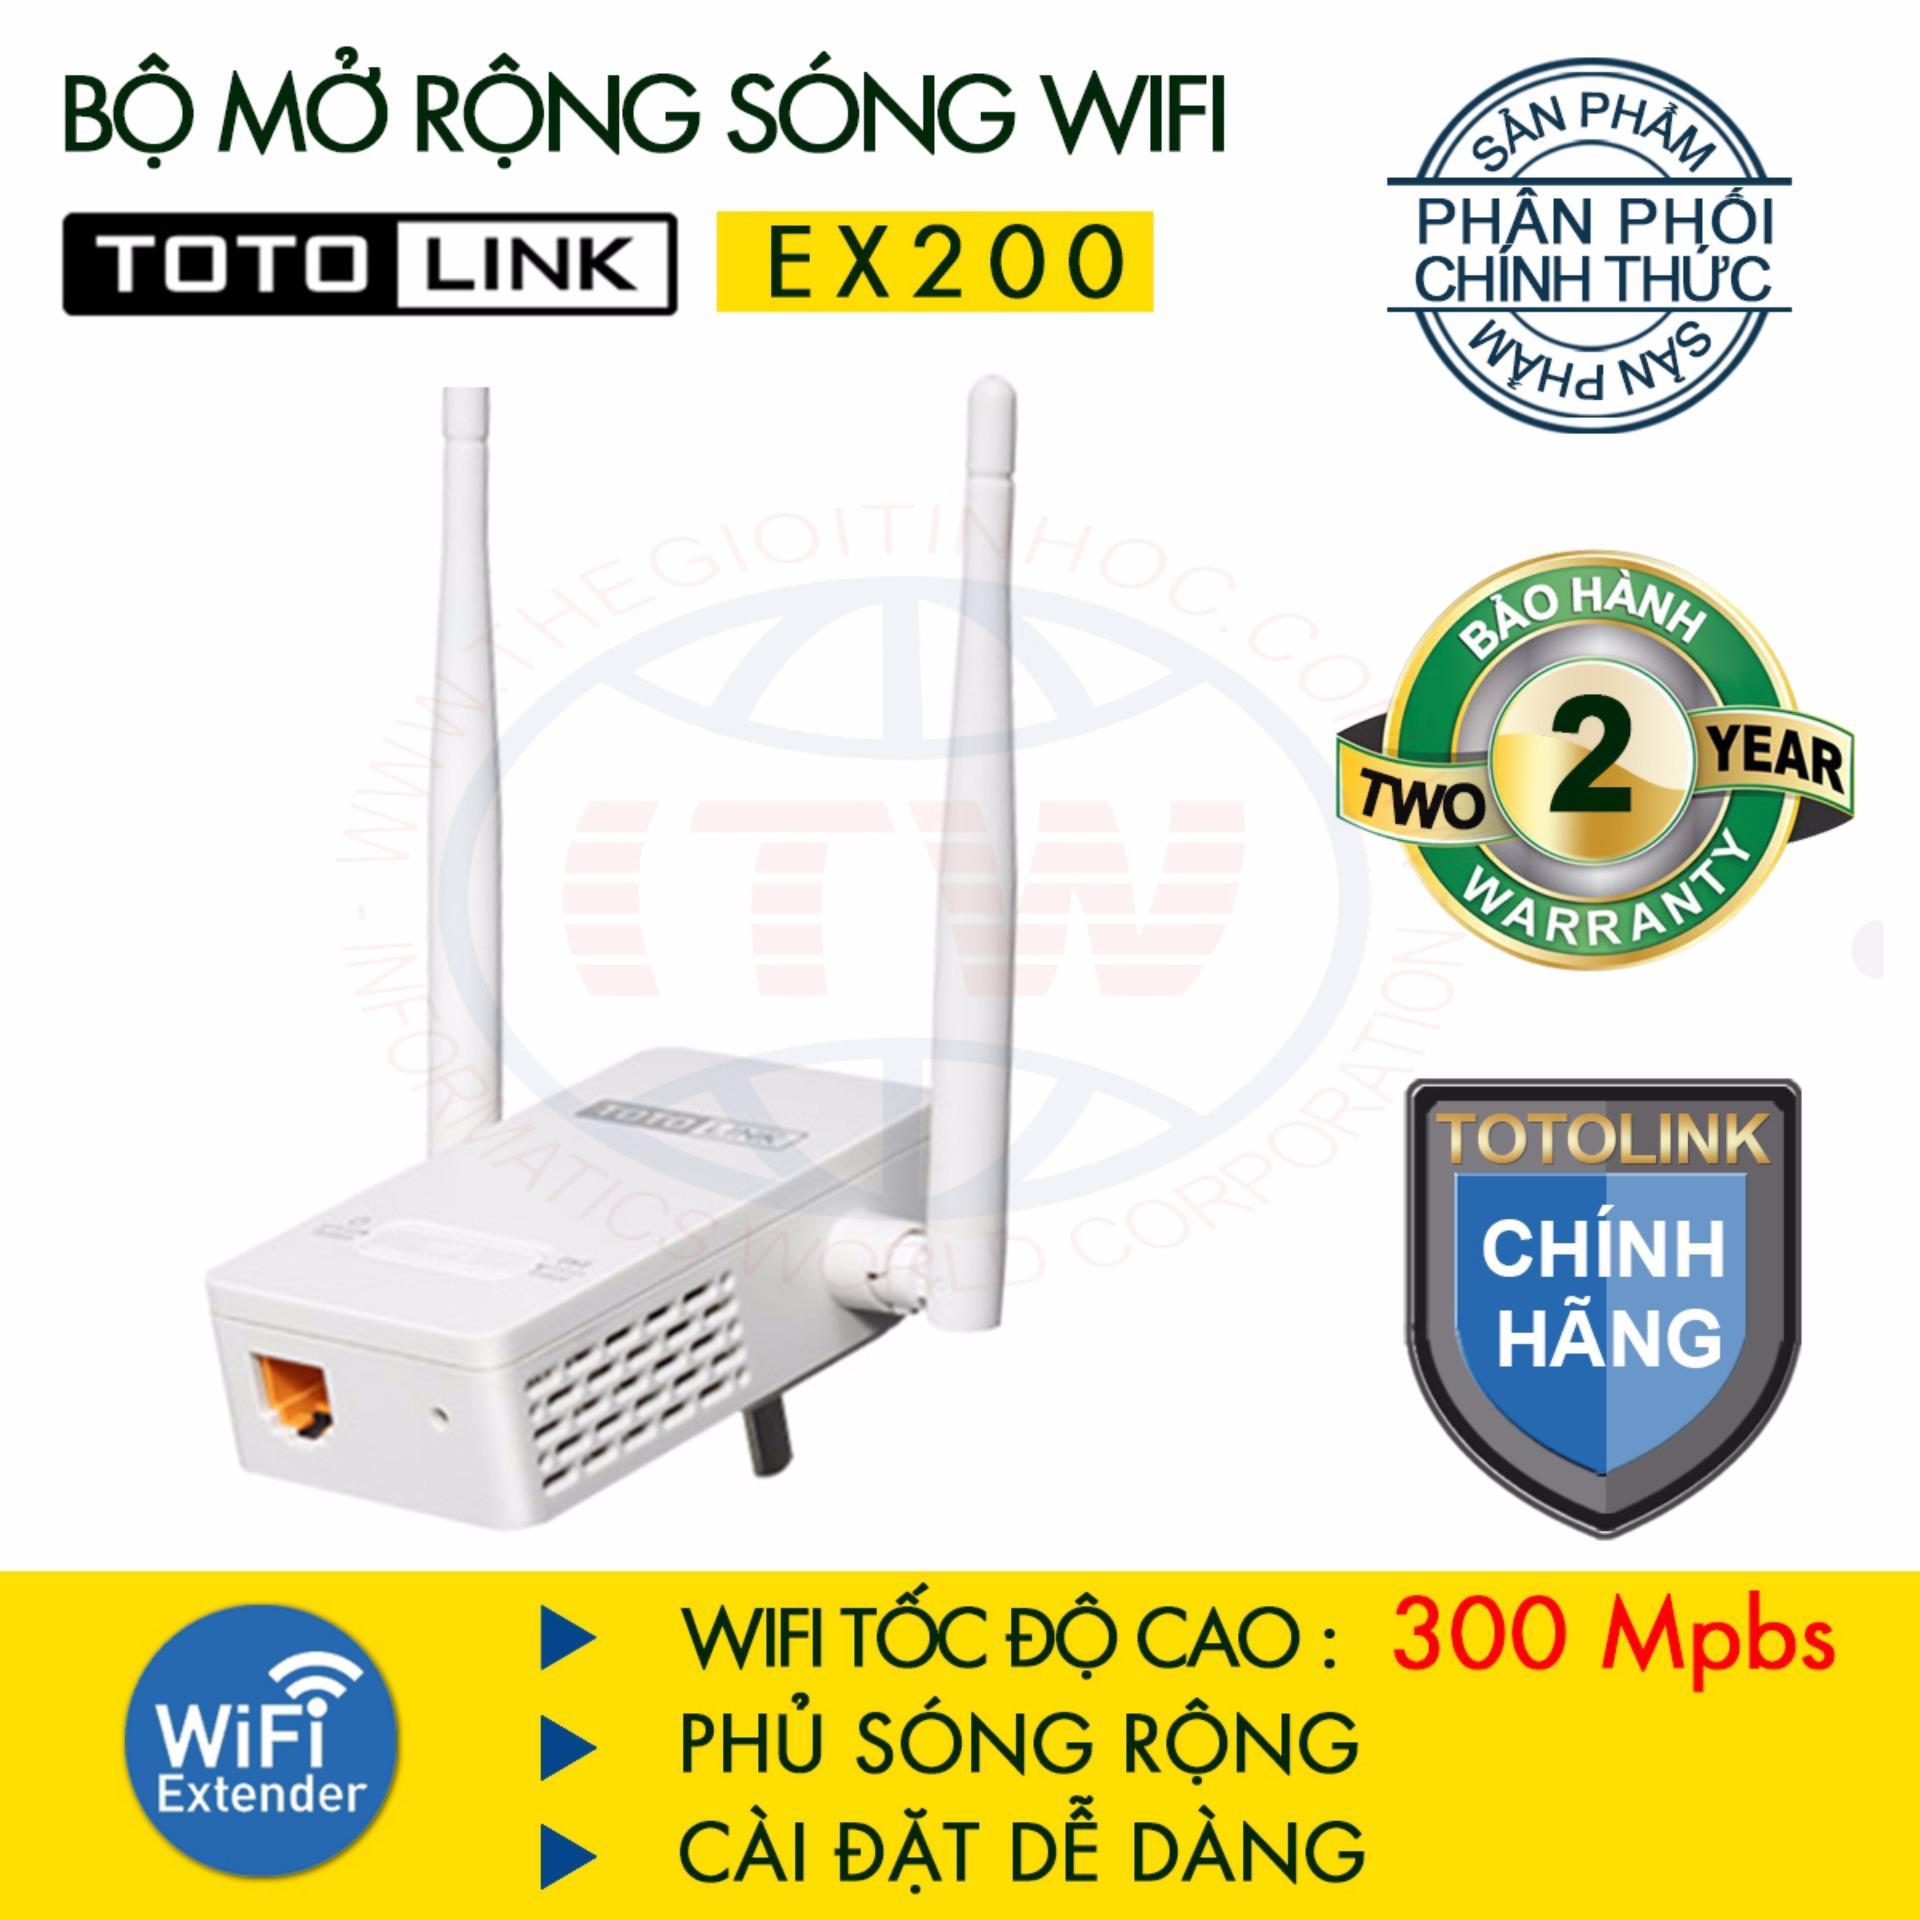 Bộ 2 thiết bị mở rộng sóng WiFi TOTOLINK EX200 – Hãng phân phối chính thức